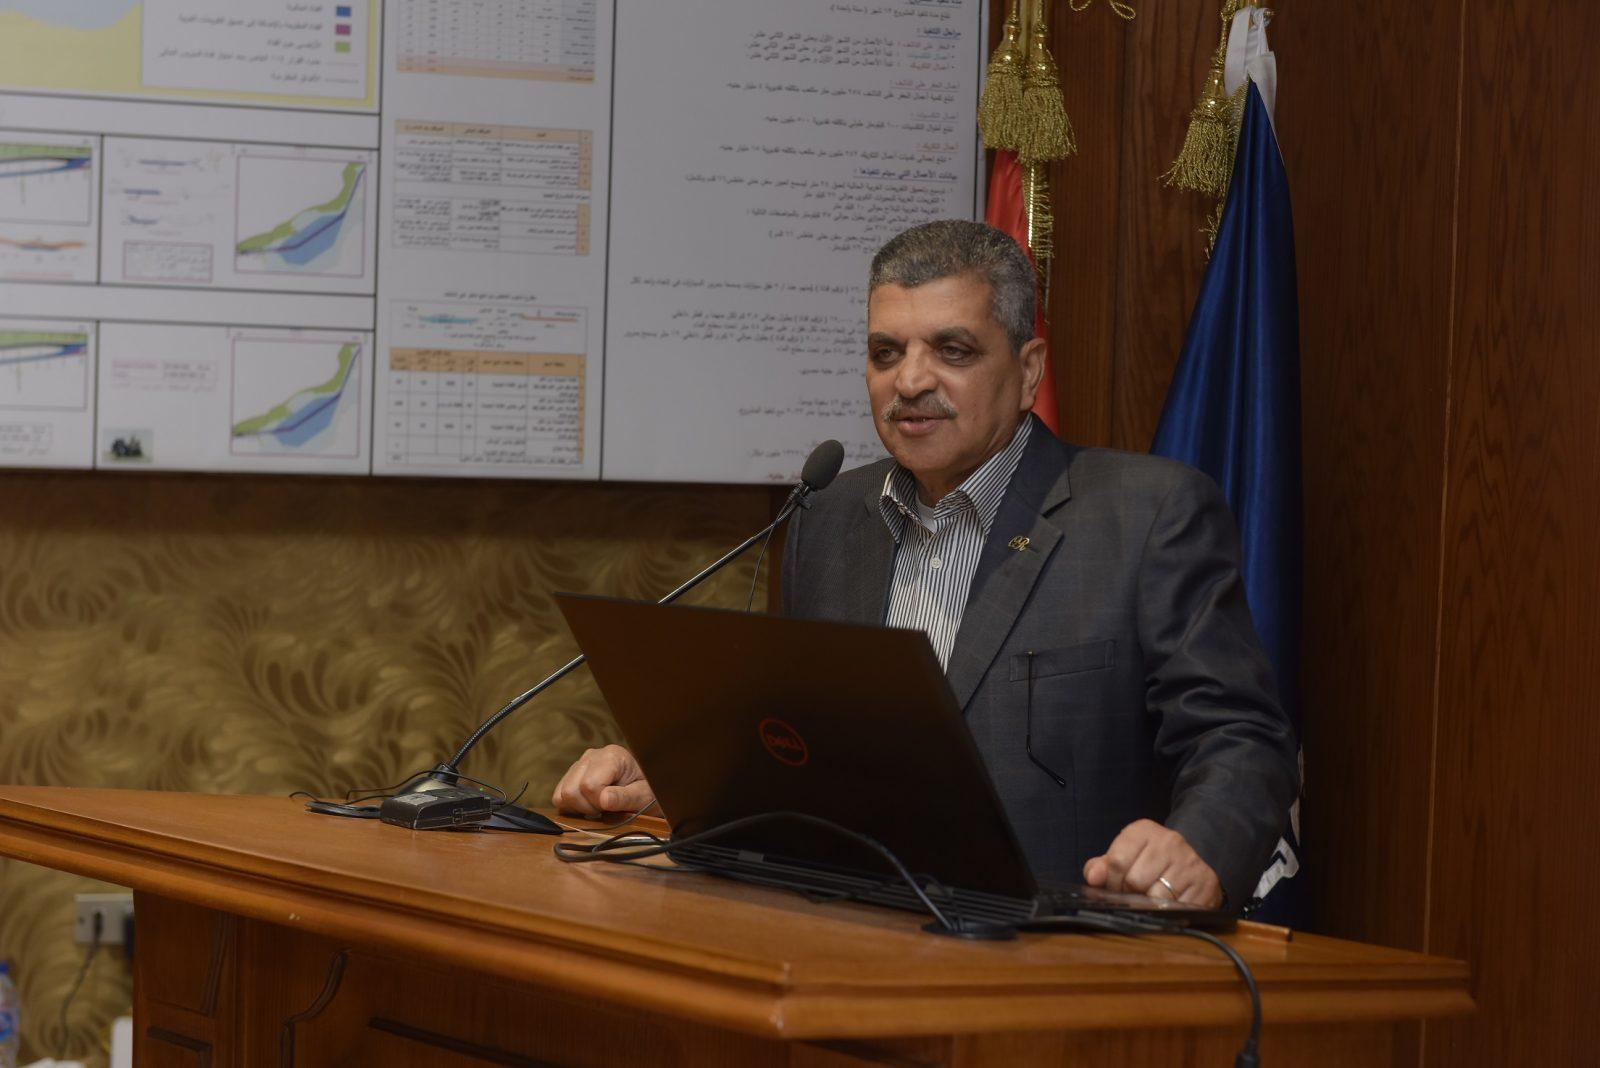 رئيس «قناة السويس» يفتتح مركز البيانات الرقمي التبادلي بترسانة بورسعيد - جريدة المال